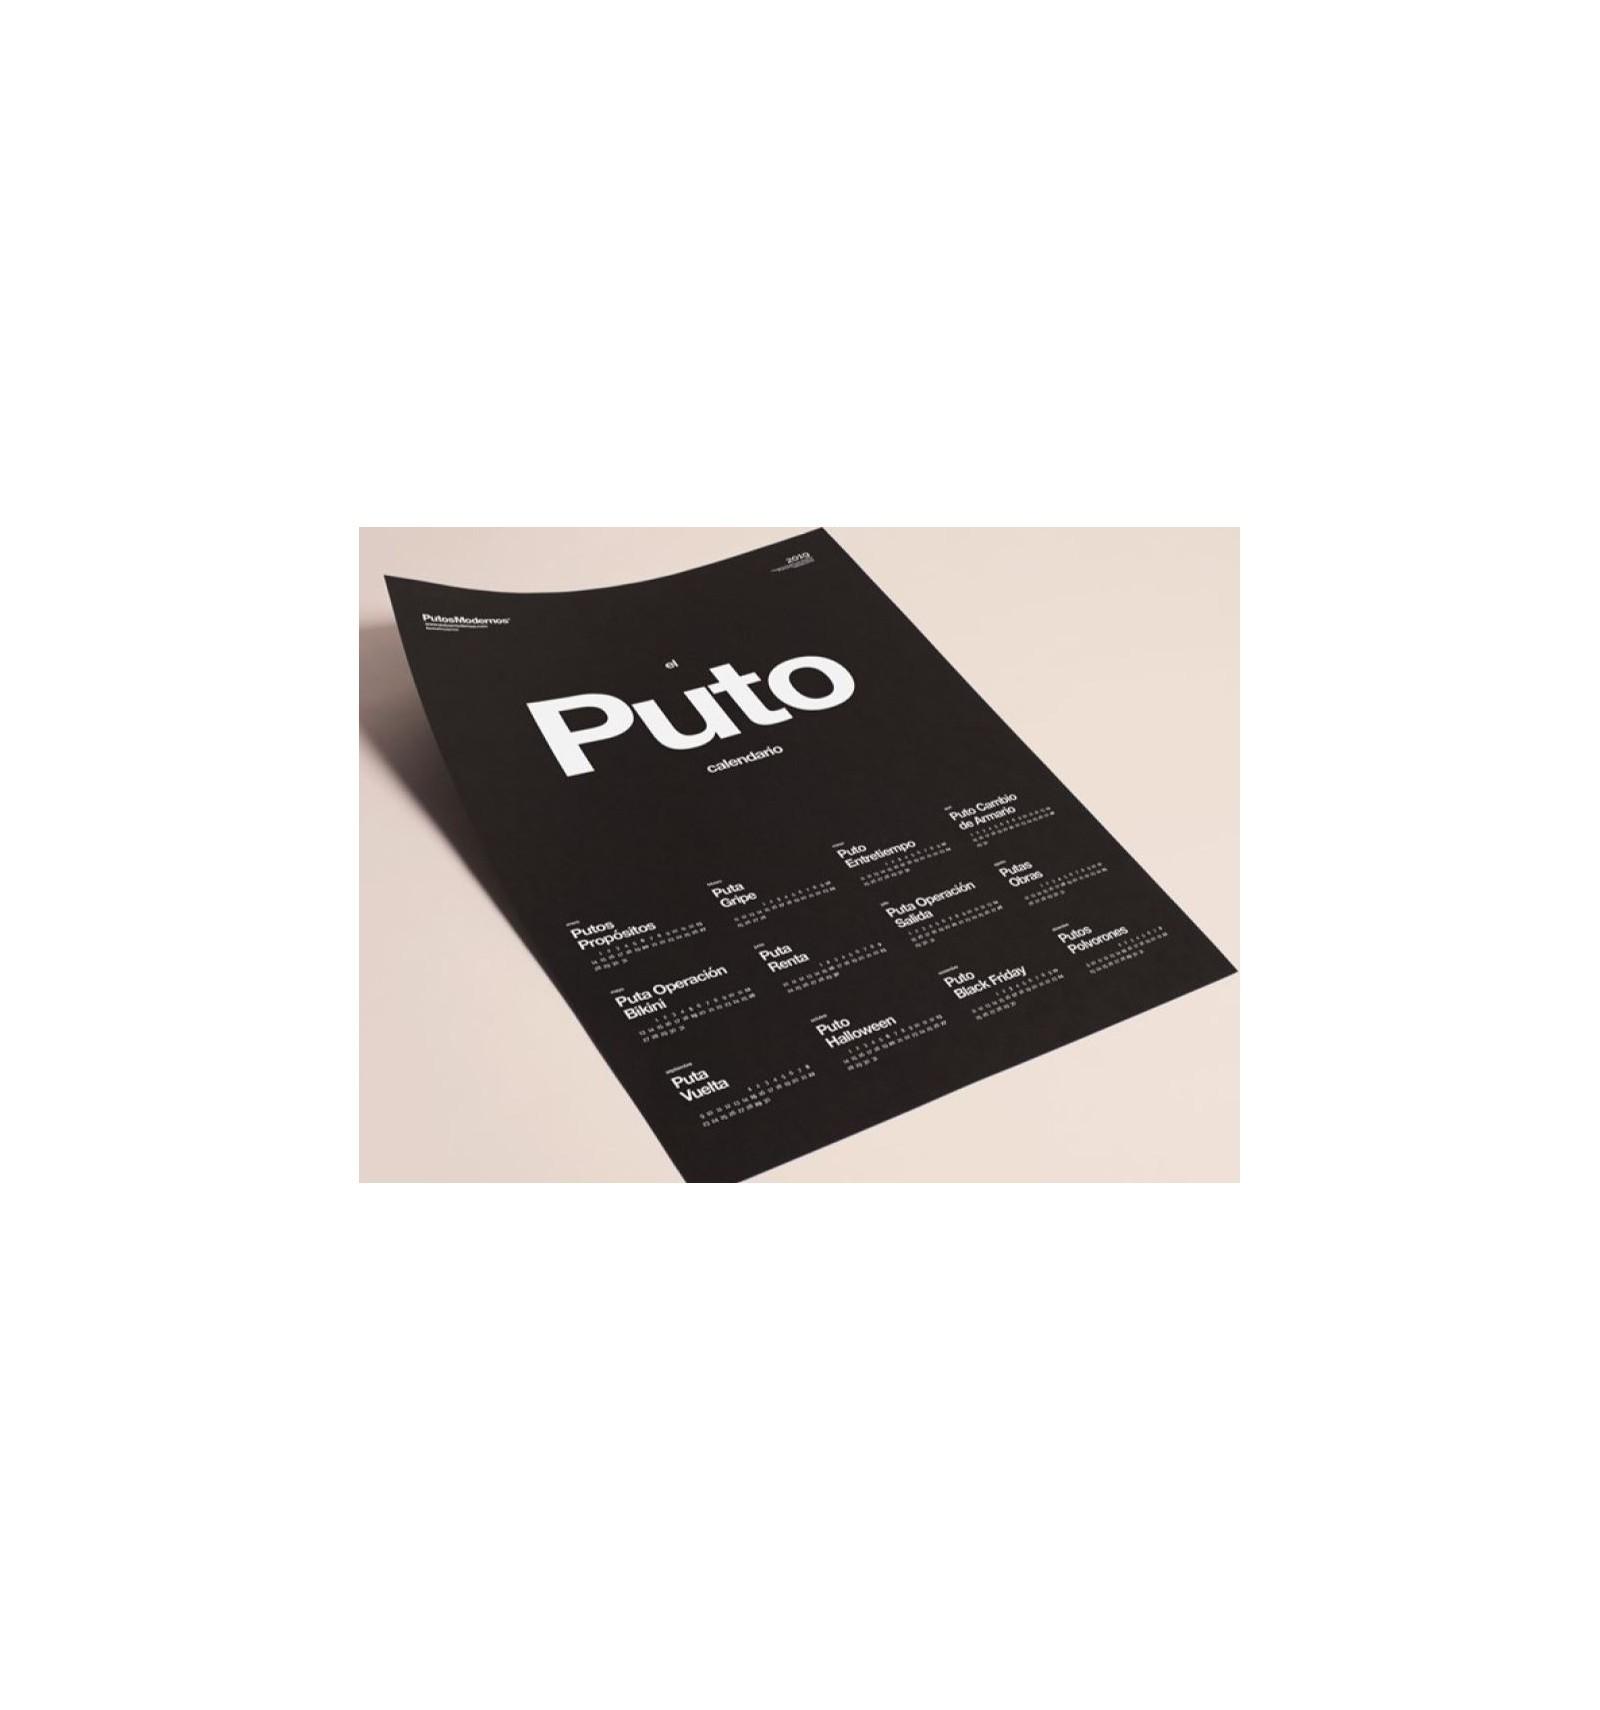 Imprimir Calendario 2019 Barcelona Mejores Y Más Novedosos El Puto Calendario Karibu Regalos Of Imprimir Calendario 2019 Barcelona Más Reciente Calendarios 2018 Para Imprimir – Minimalista